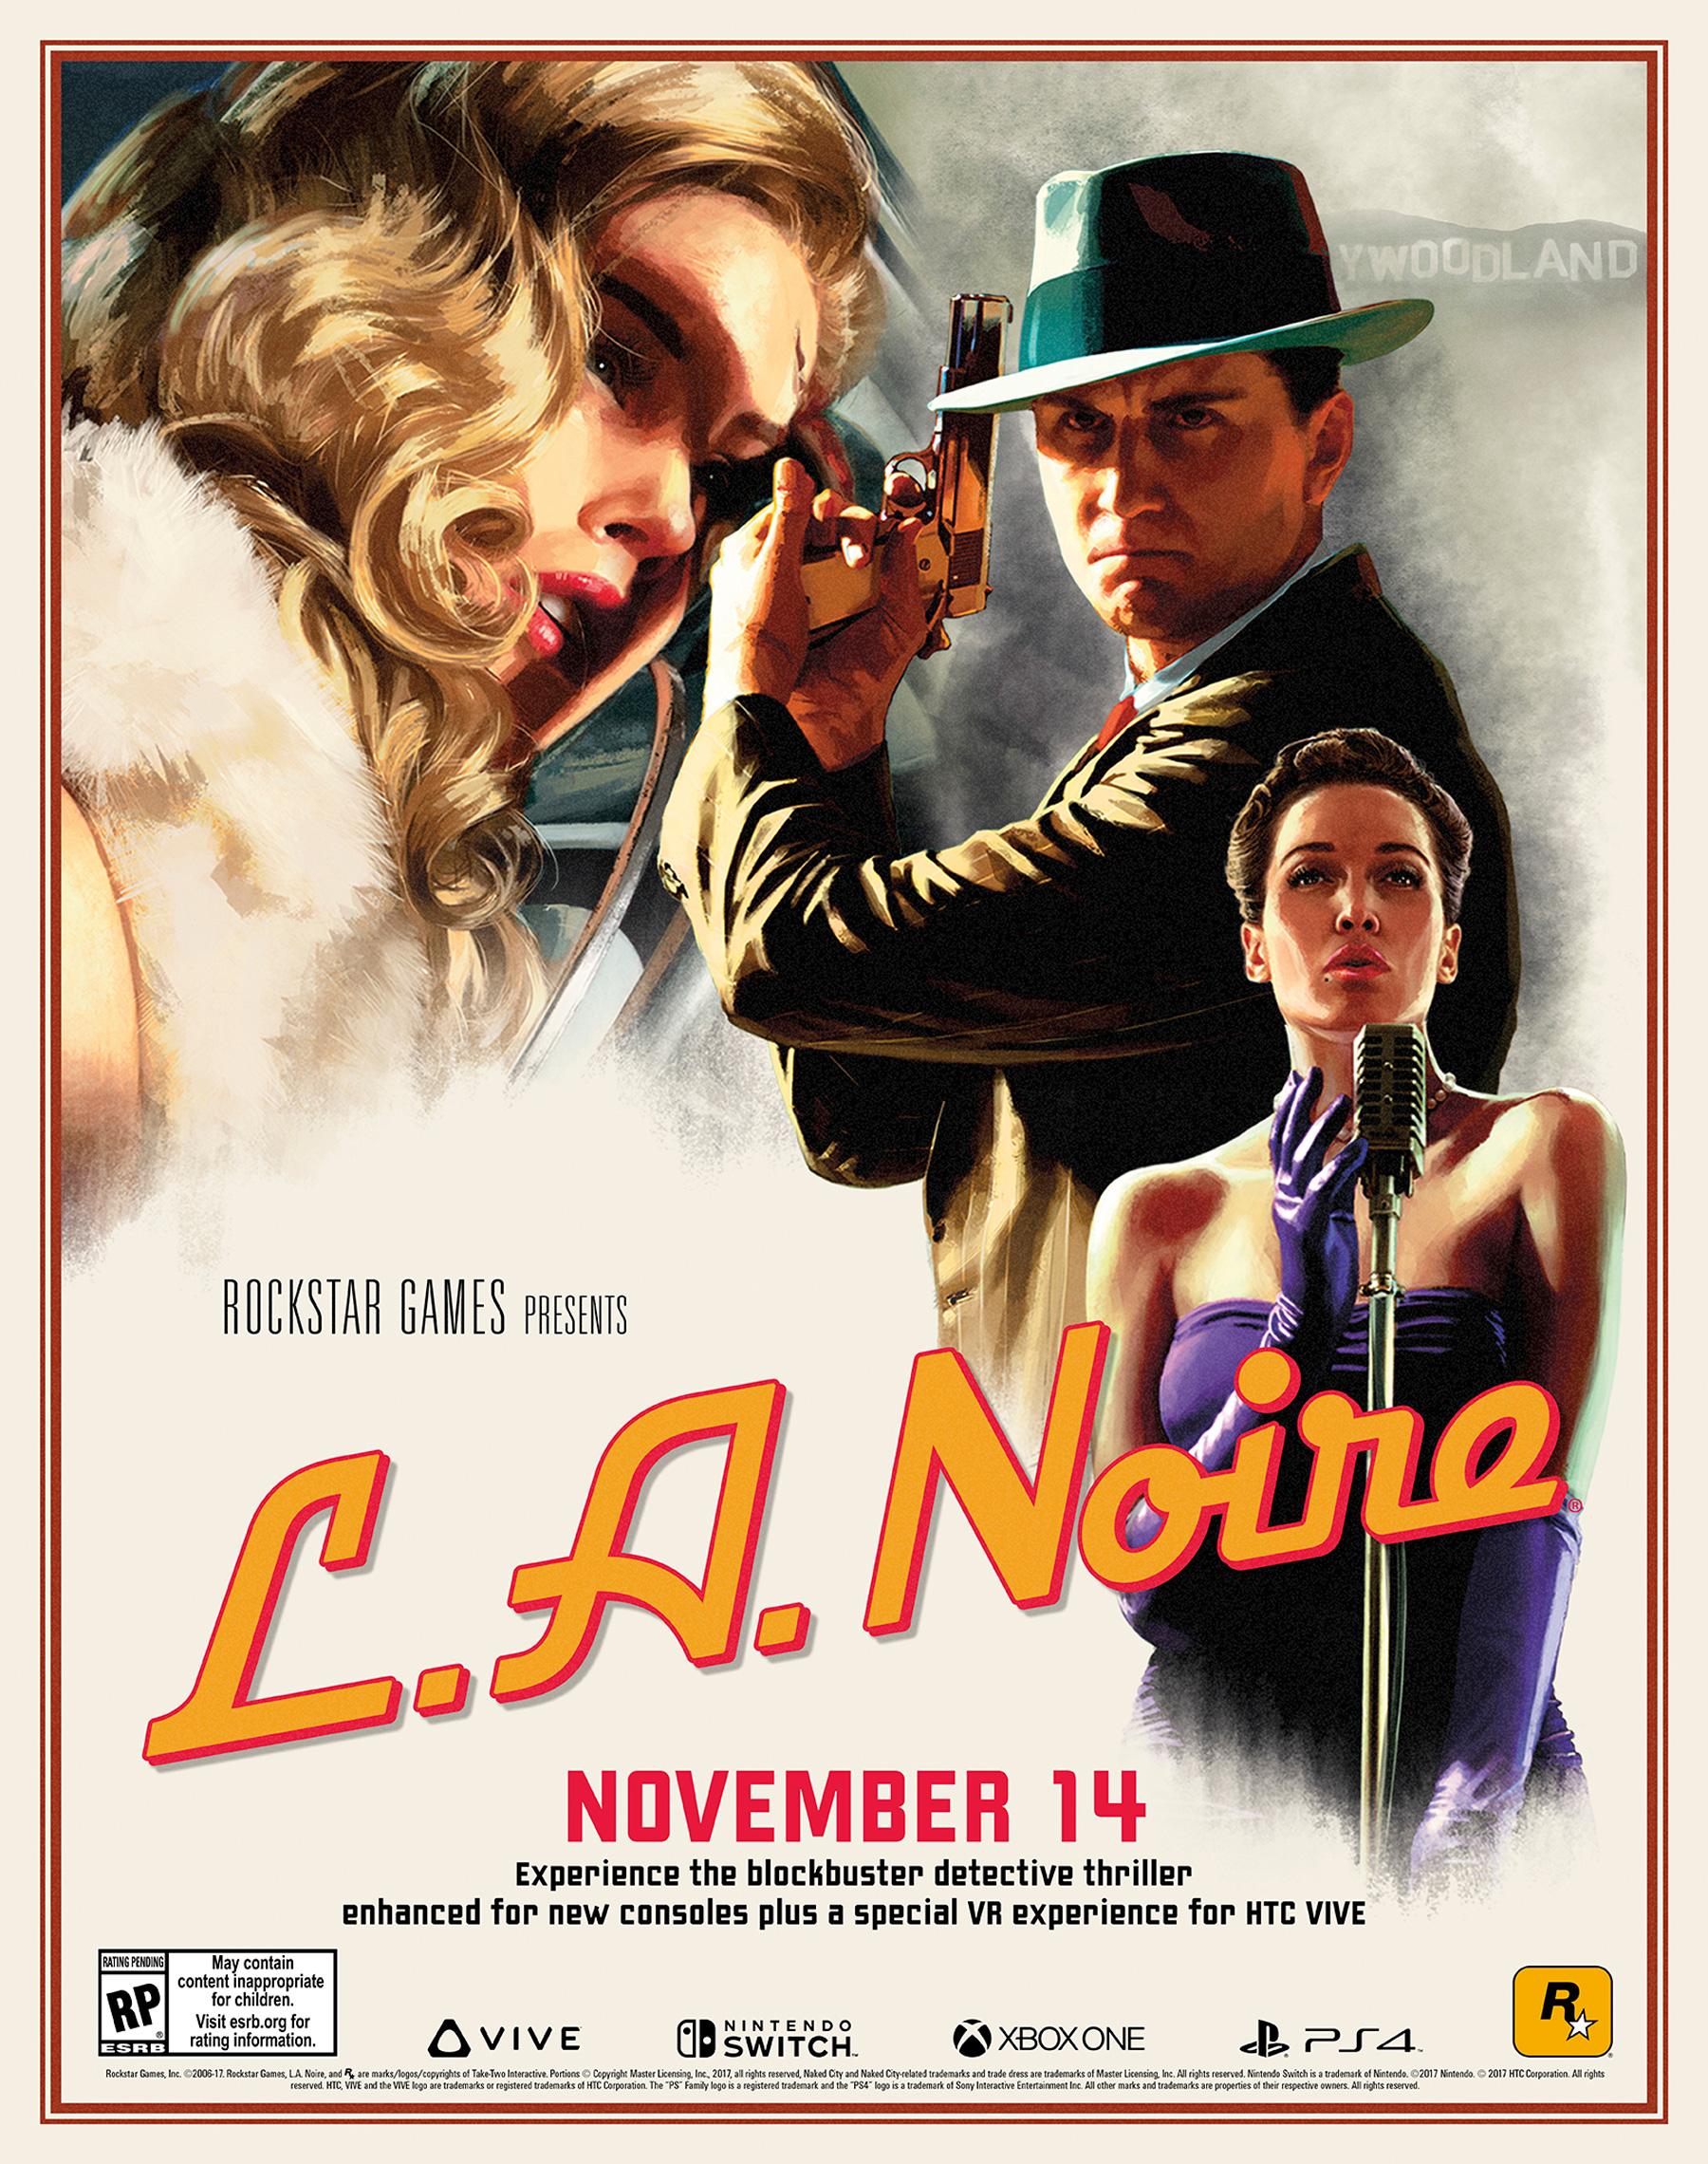 LA-Noire-Announcement-Poster.jpg